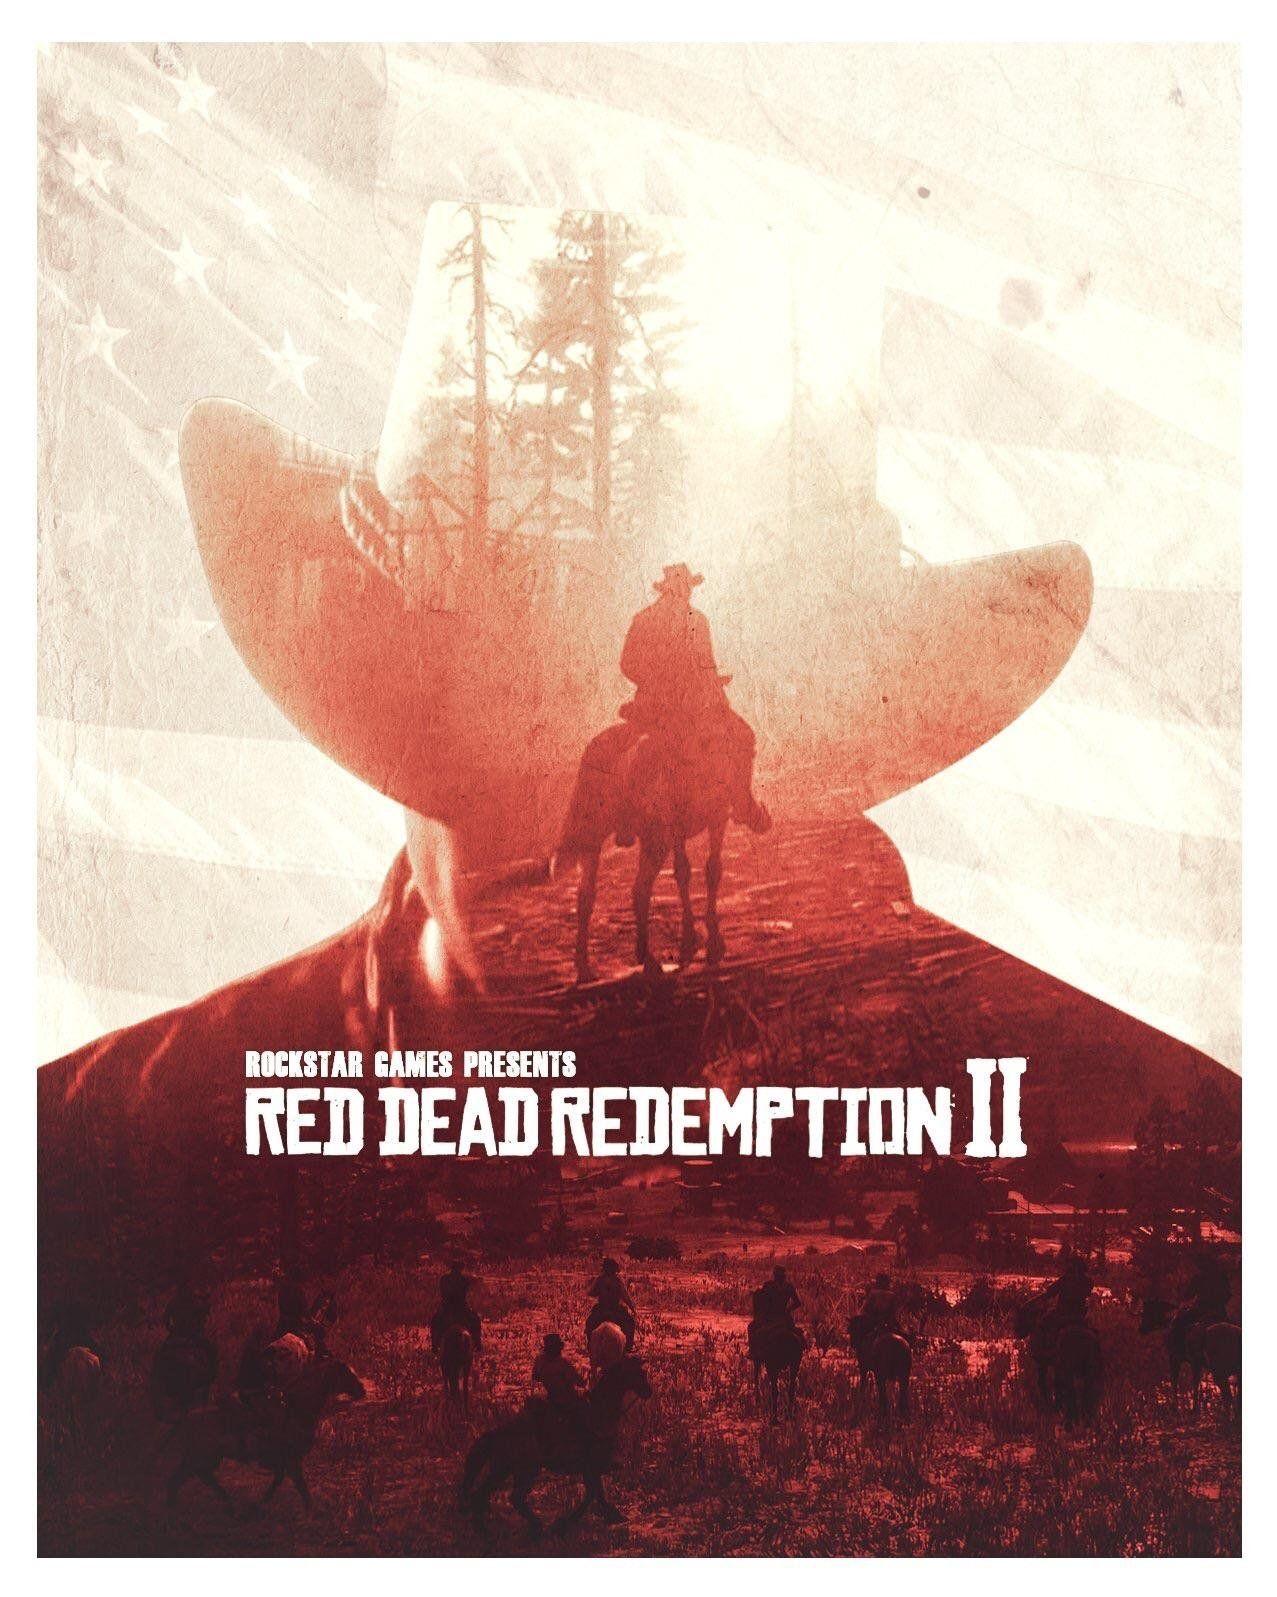 Red Dead Redemption 2 Fan Art Red Dead Redemption Poster Red Dead Redemption Artwork Red Dead Redemption Art